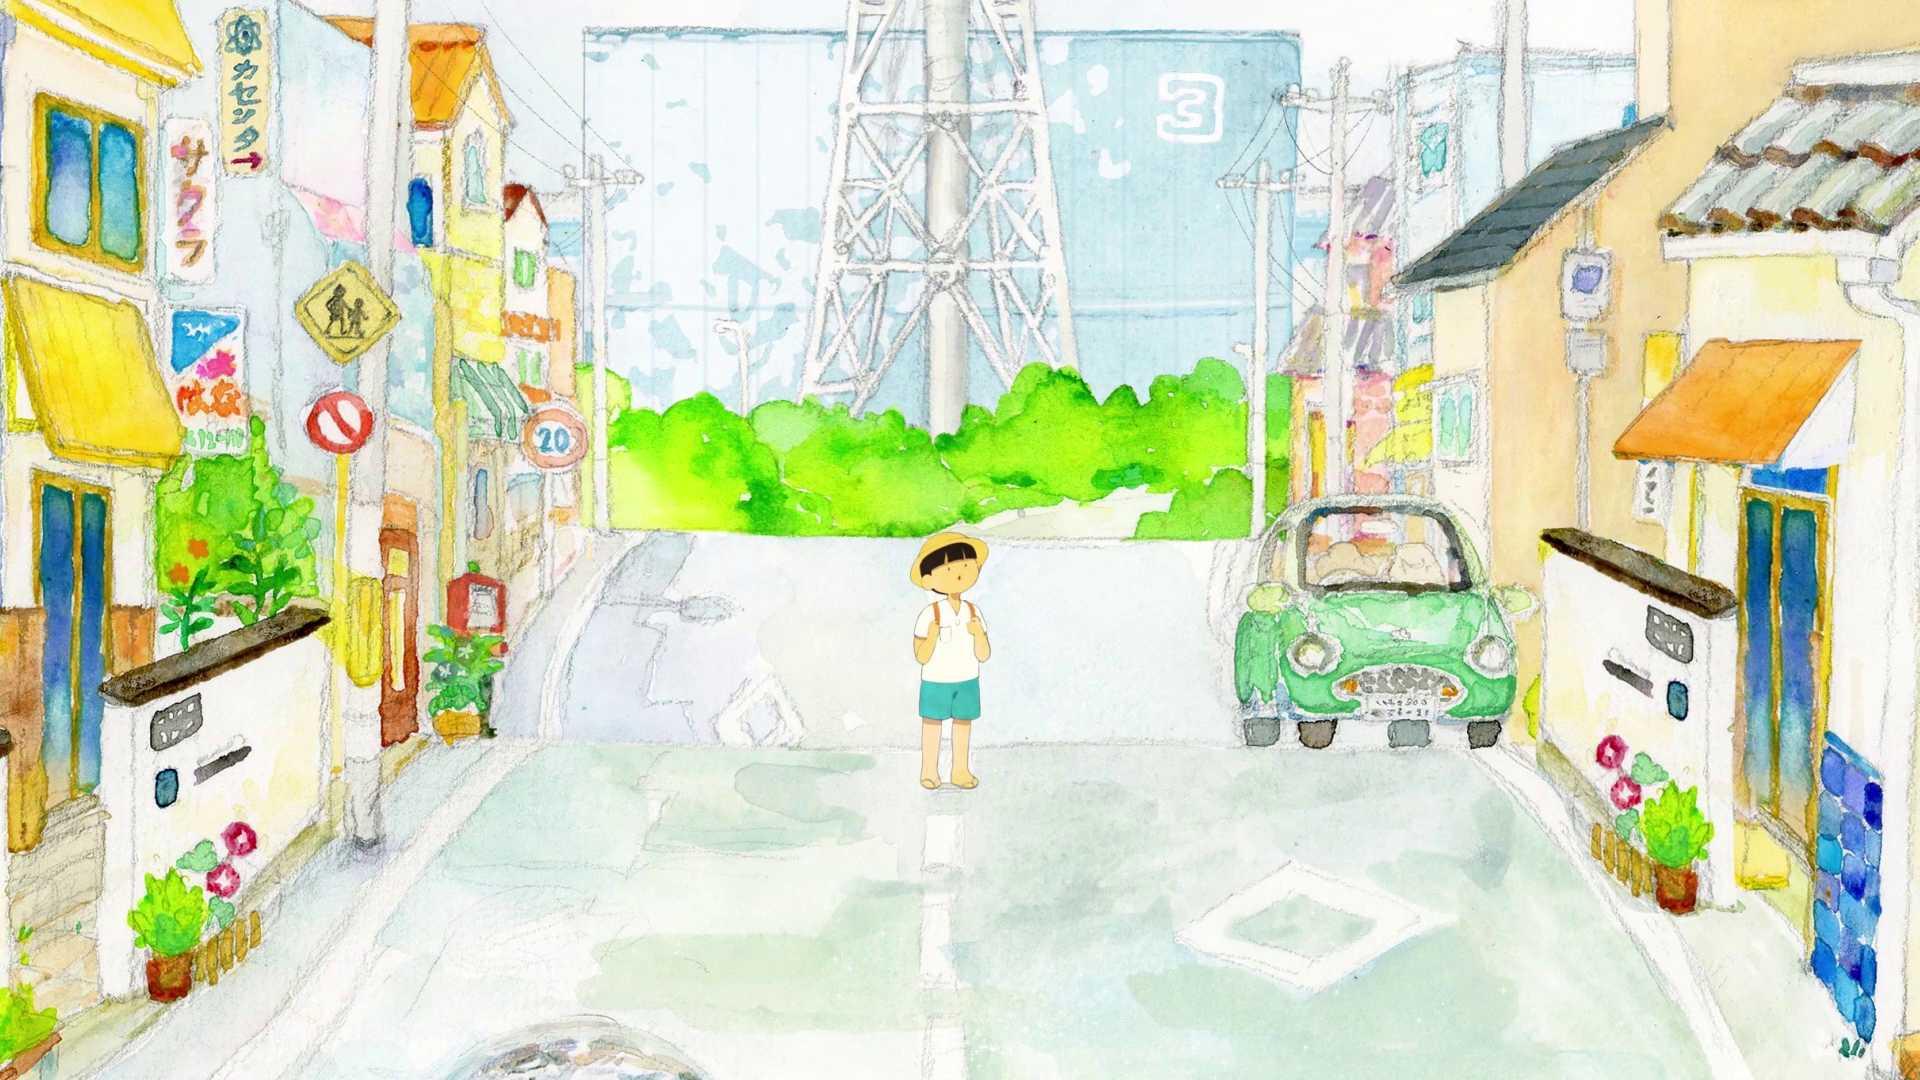 Warsaw Animation Film Festival